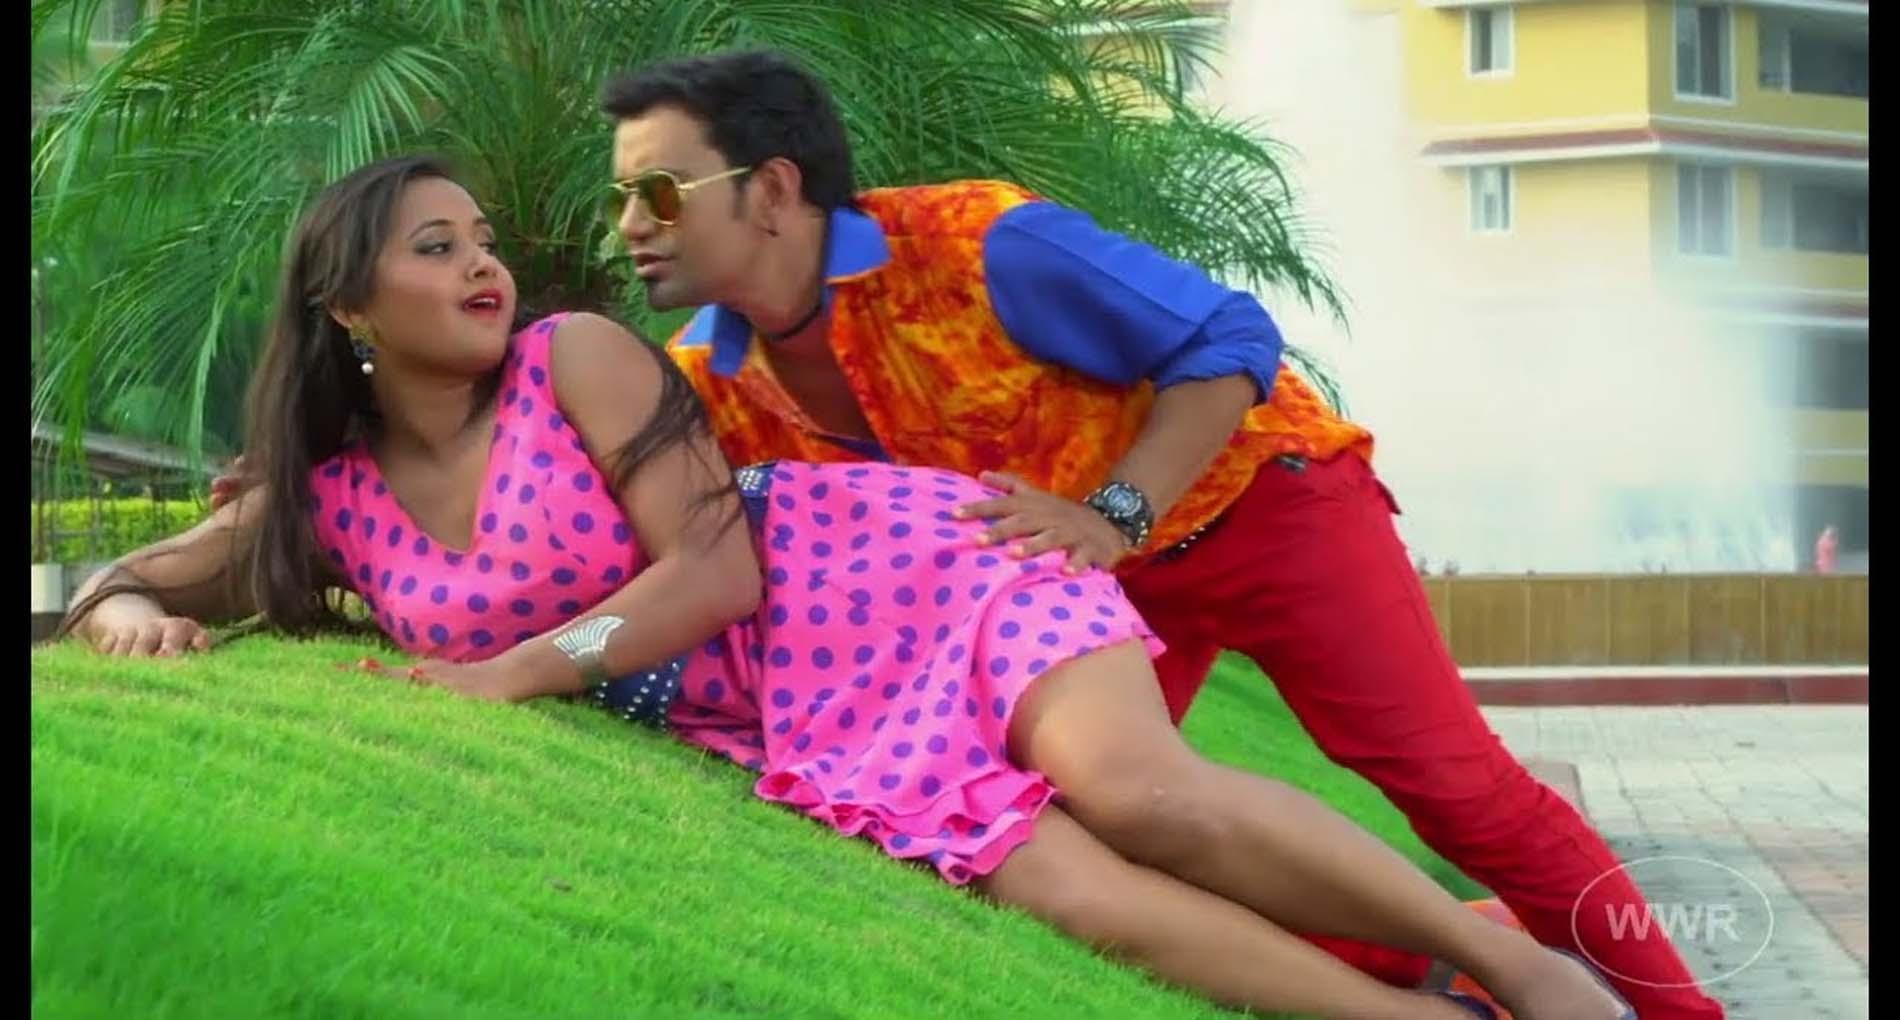 Nirahua Ke Hit Gane: दिनेश लाल यादव और काजल राघवानी ने खूब लचकाई कमर! देखें वीडियो